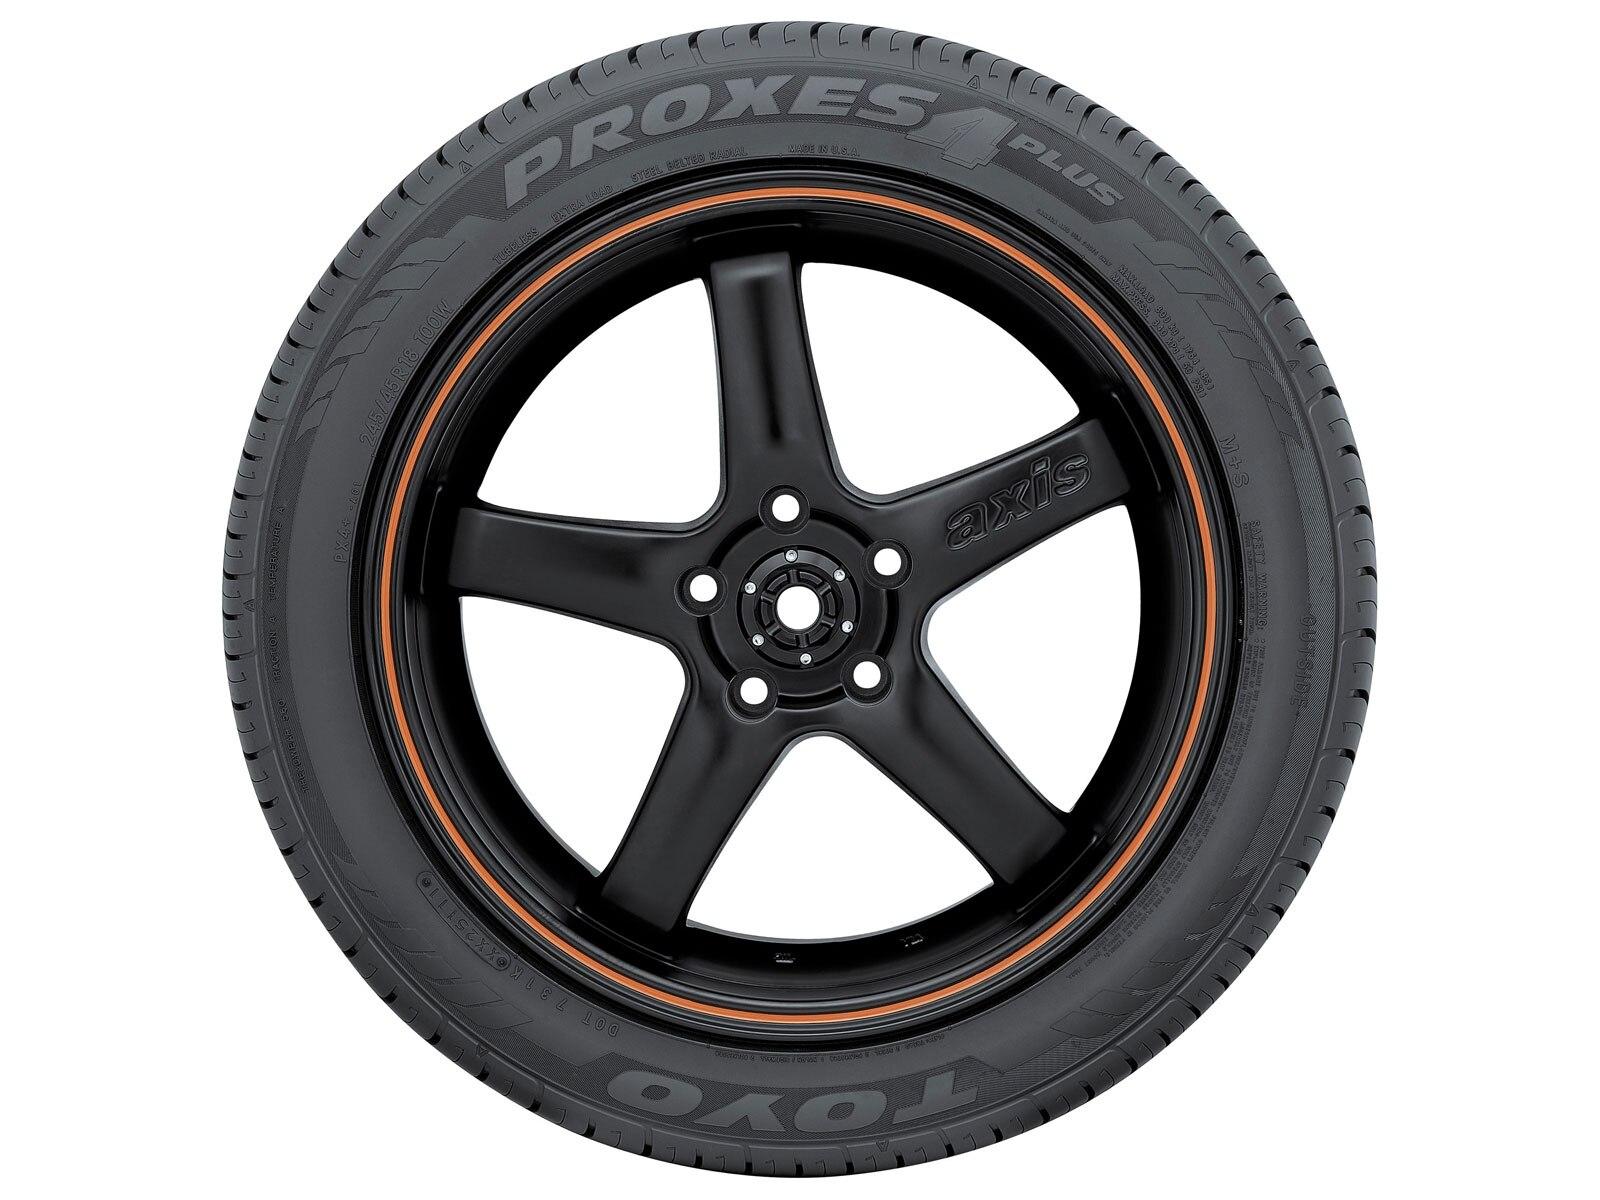 1305-lrmp-01-o-toyo-tires-proxes-4-plus1